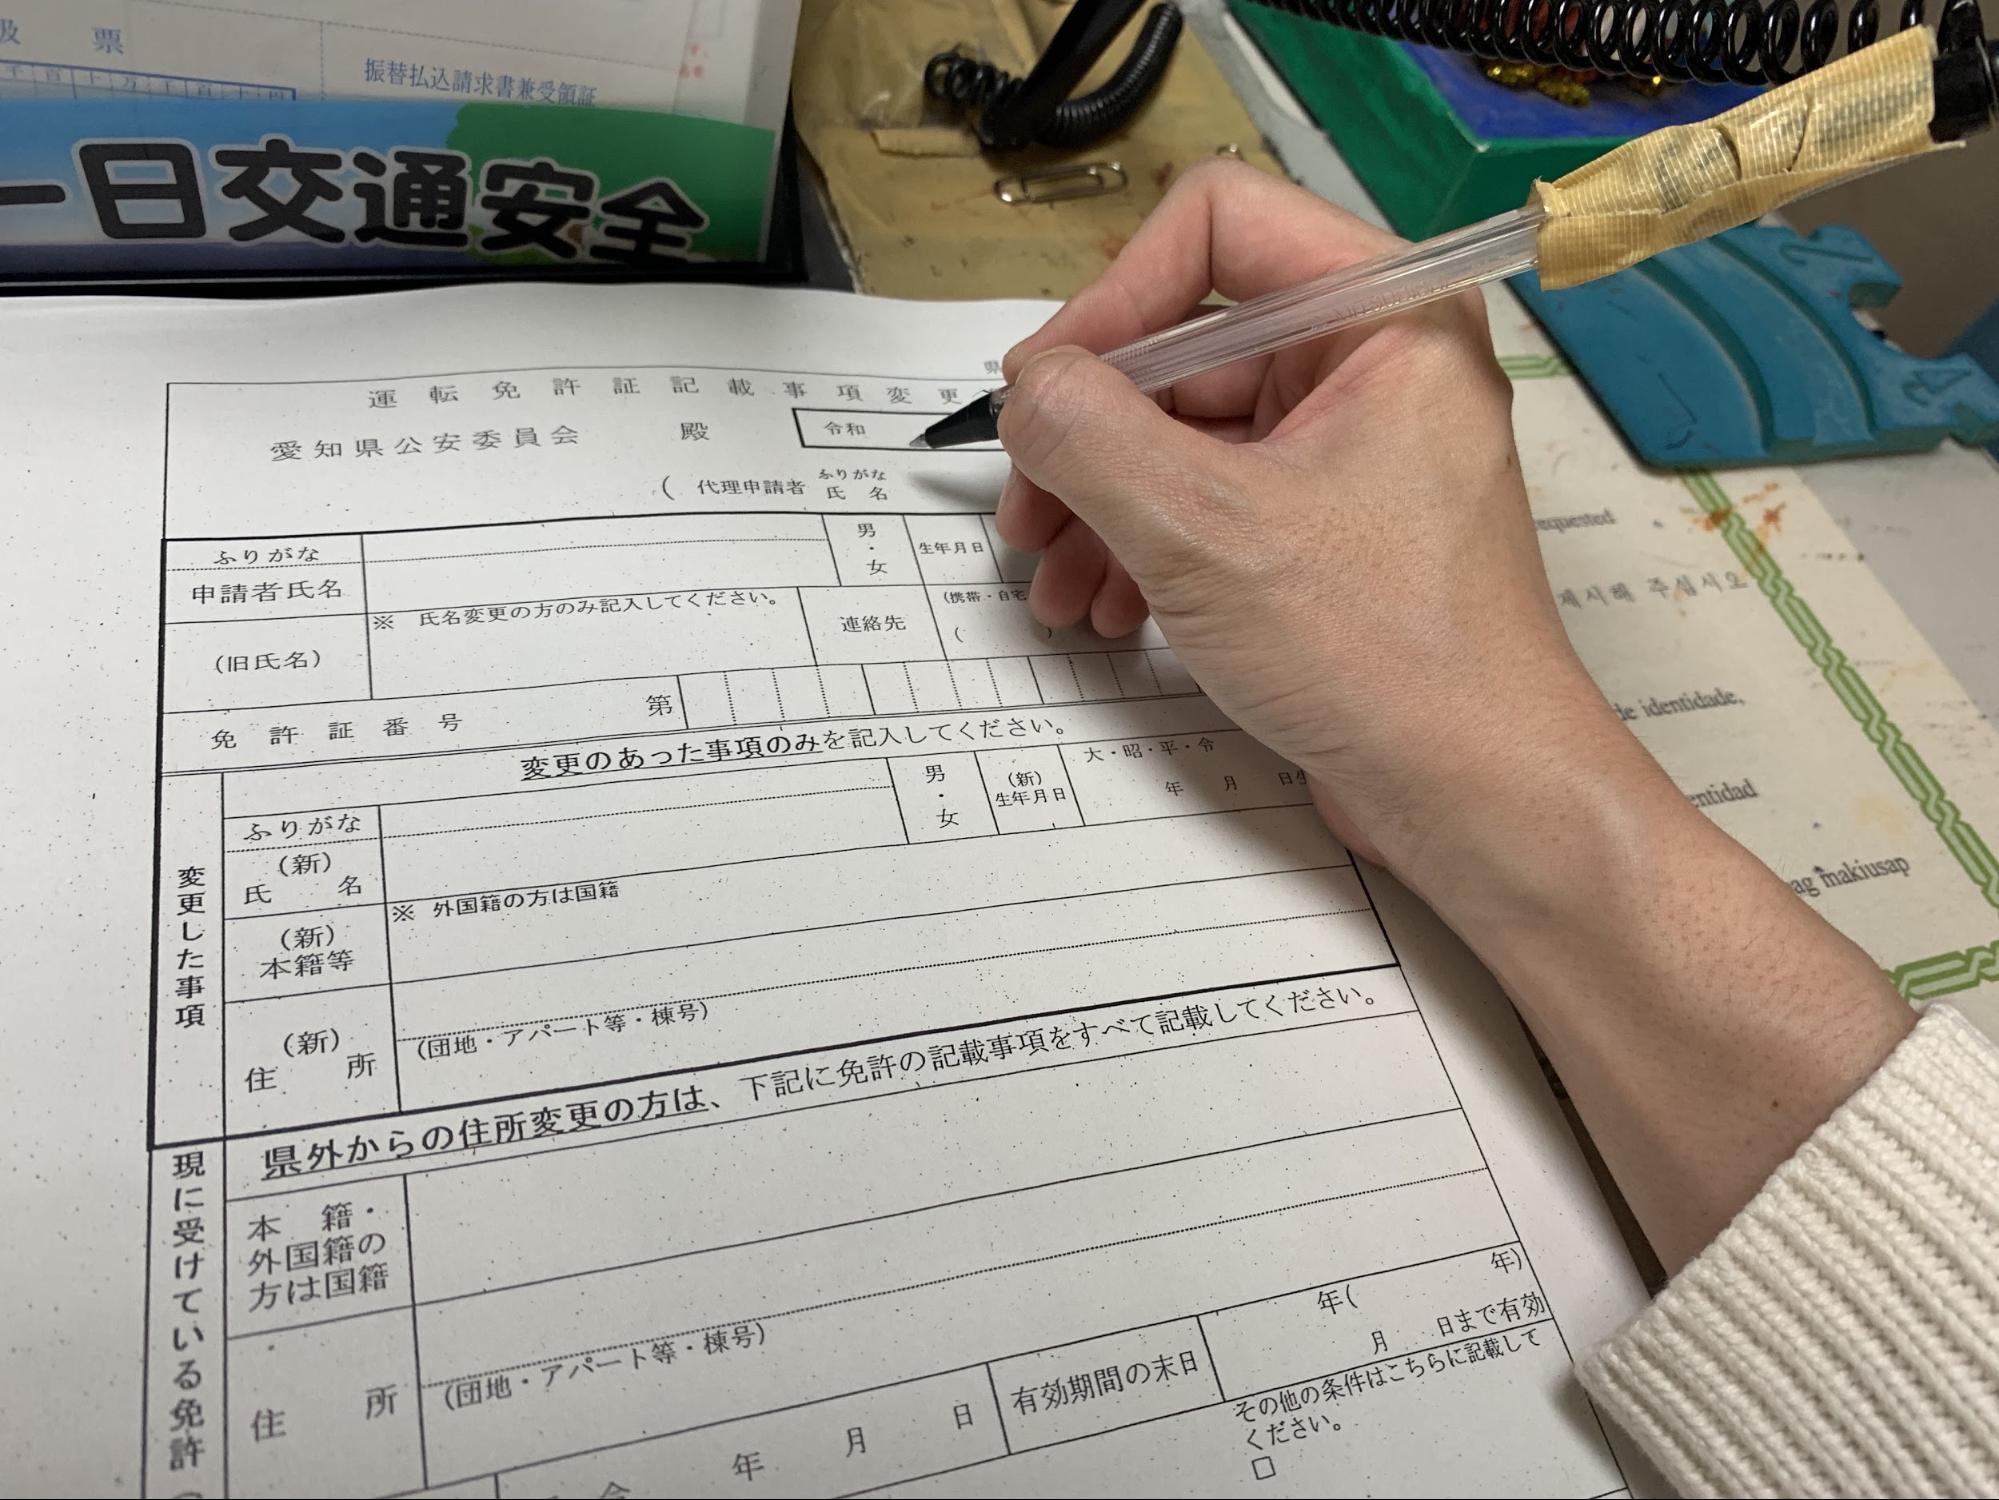 名古屋で新生活をはじめるあなたに「運転免許証の書き換え」方法を紹介 - image1